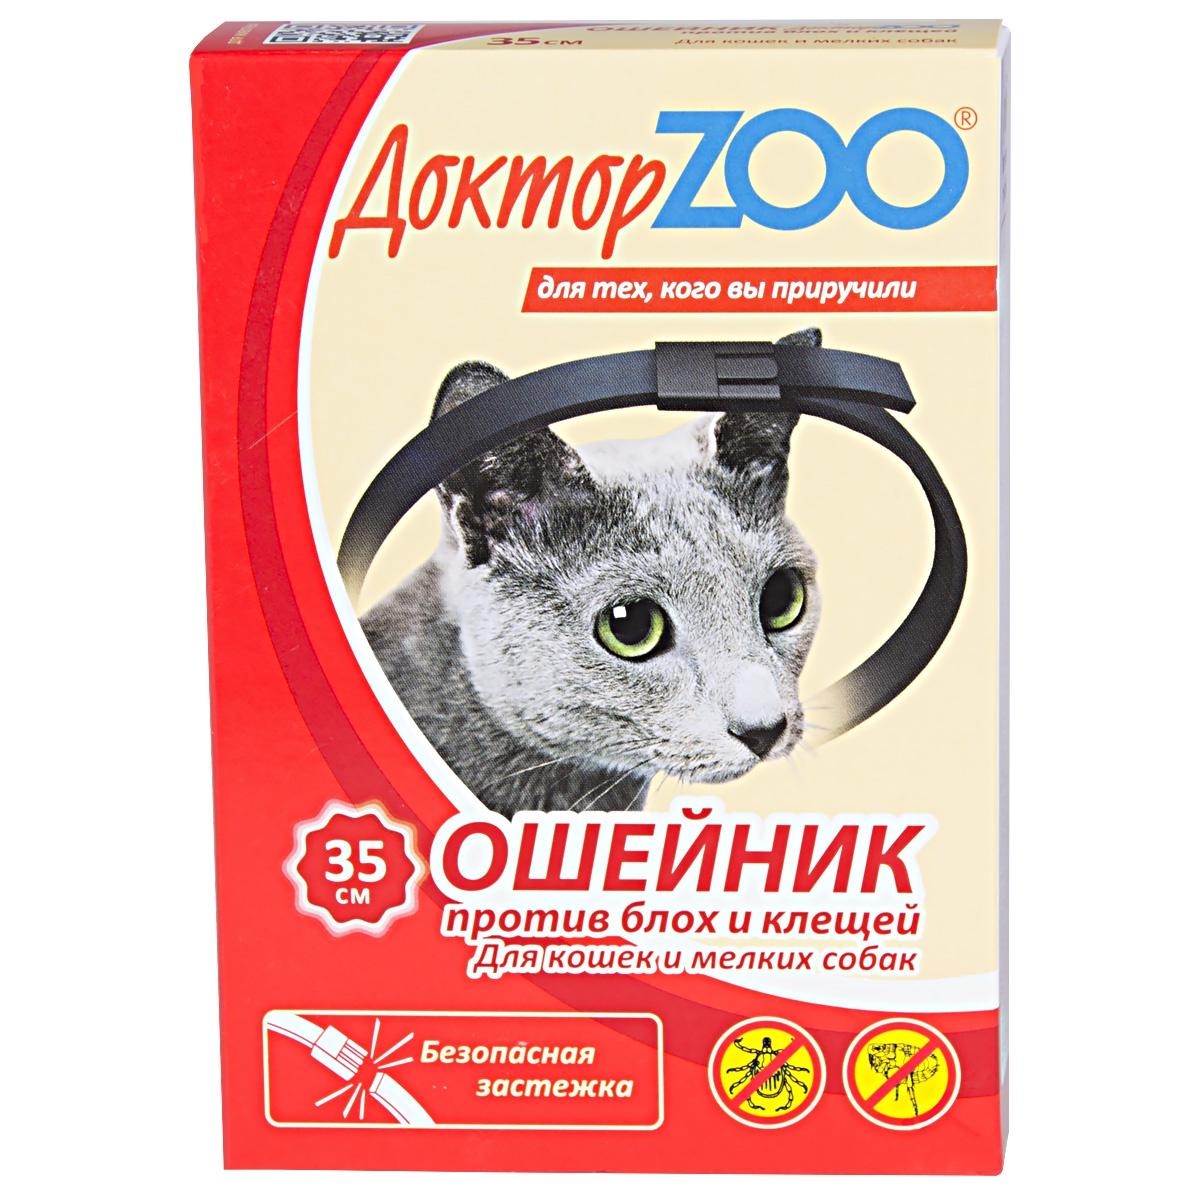 Лечебный ошейник Фауна Доктор ZOO Доктор ZOO для кошек и мелких собак, черный